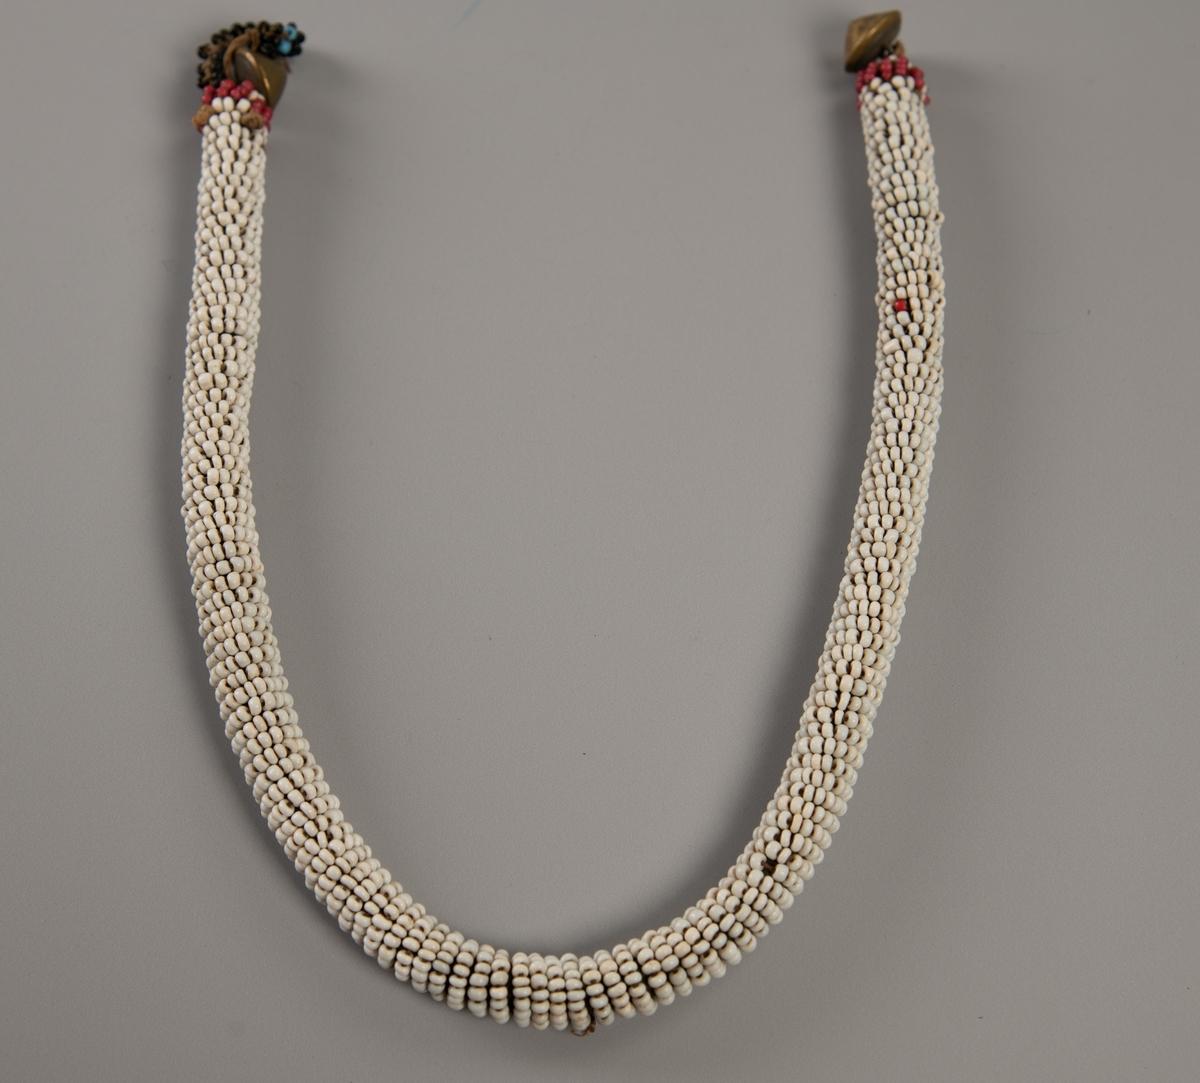 Hode- eller leggpryd. Zulu. Perle  snor med   messing  knapper. Hvit litt tykk perlesnor med en rød ring ytterst i hver ende,  utenfor  denne en spiss messingknapp og i den ene ende en hempe av  sorte og  lysblå perler.